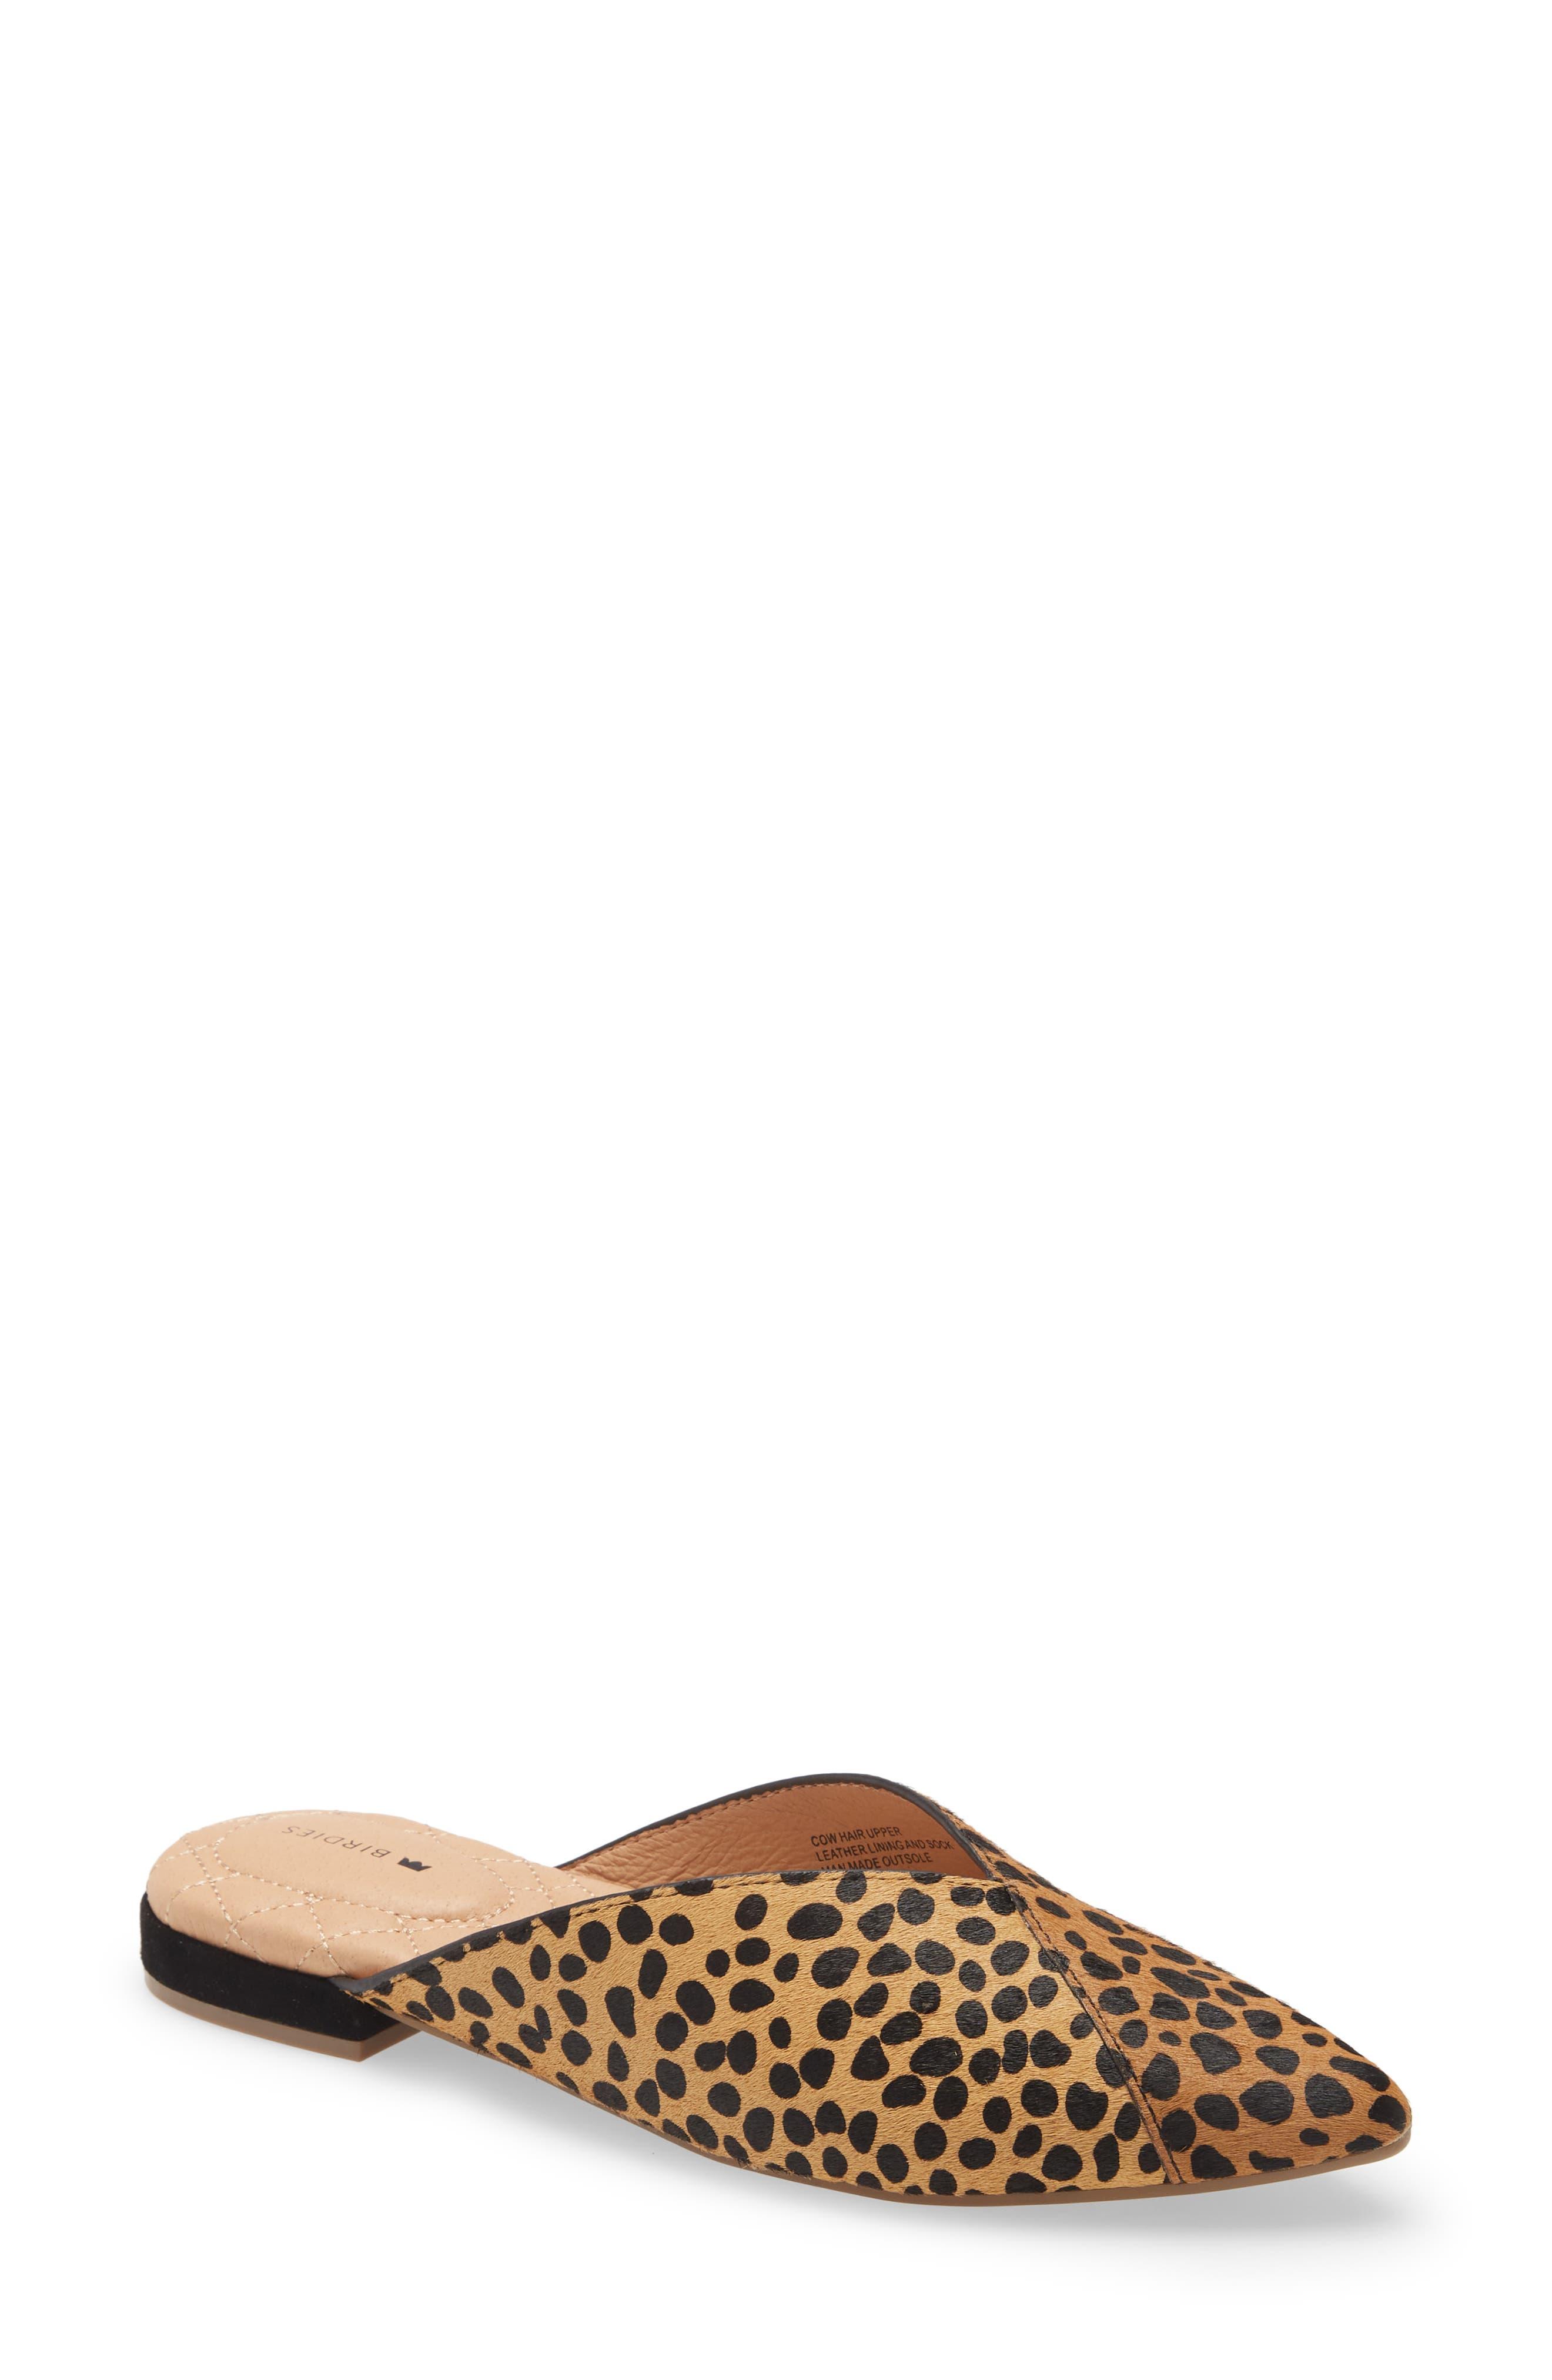 Swan Cheetah Print Calf Hair Mule